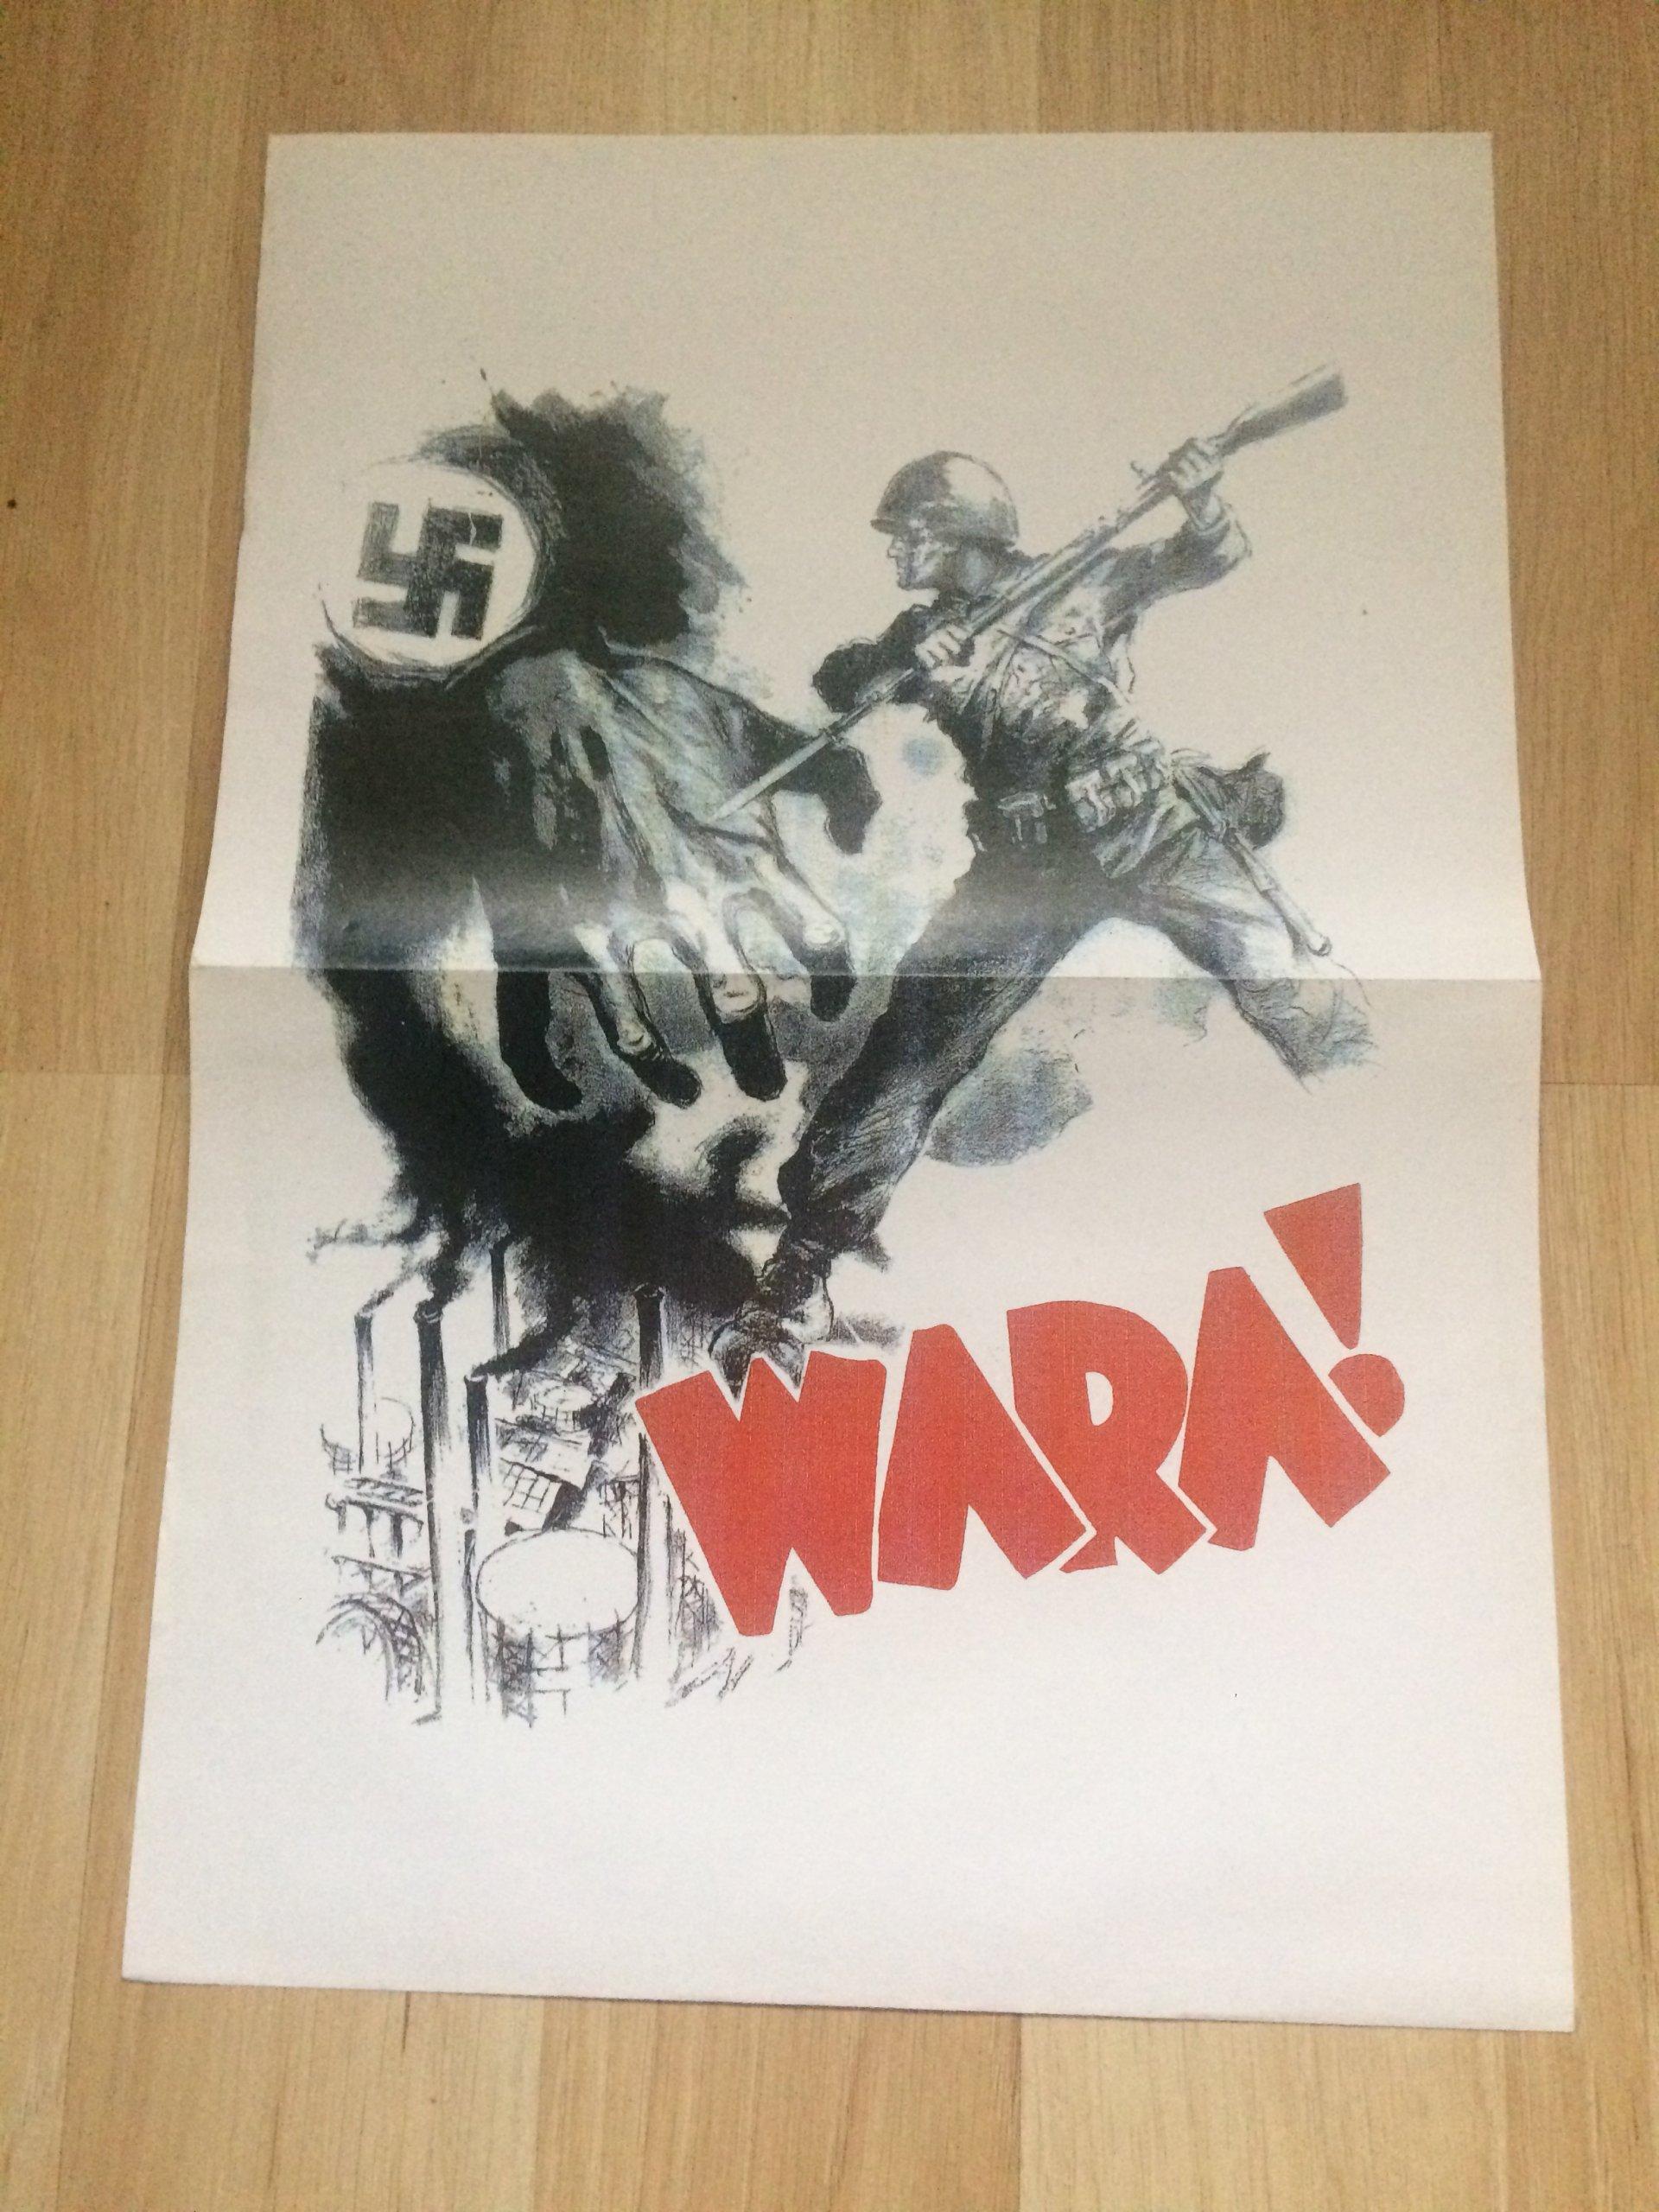 Wara Plakat Propagandowy 7182396432 Oficjalne Archiwum